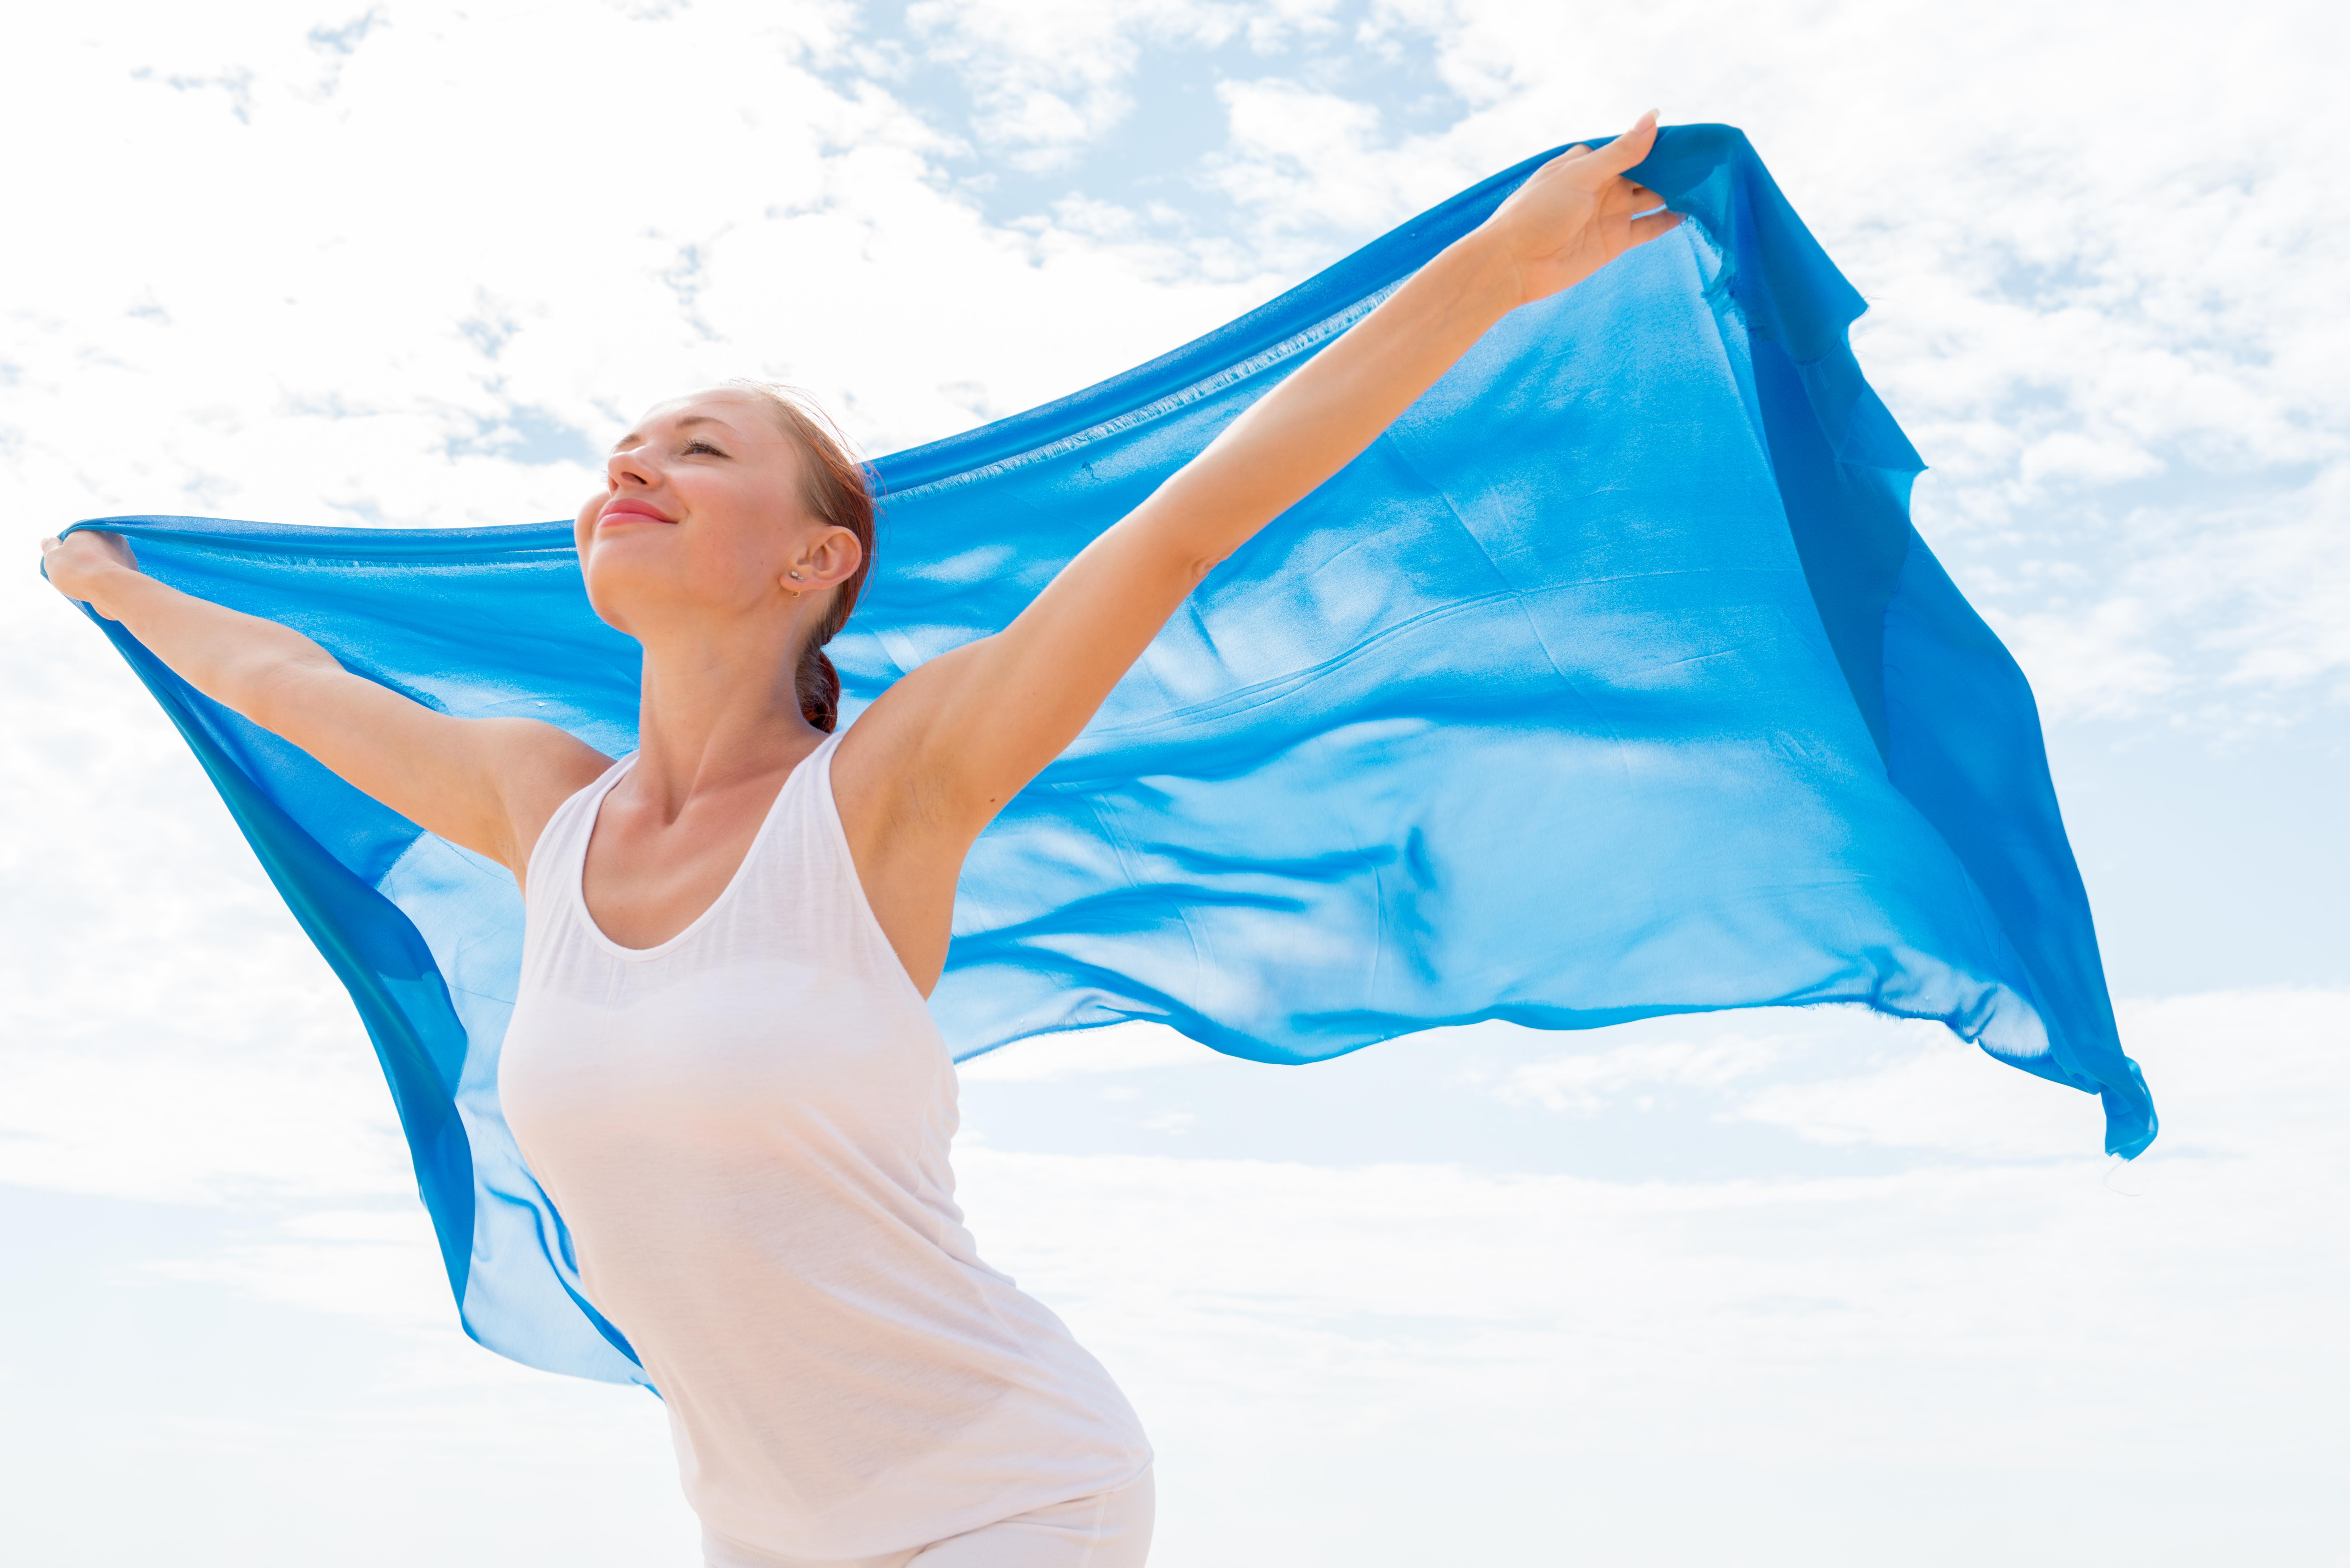 ¿Quieres un cambio de vida sintiéndote bien en tu cuerpo y con tu mejor energía?